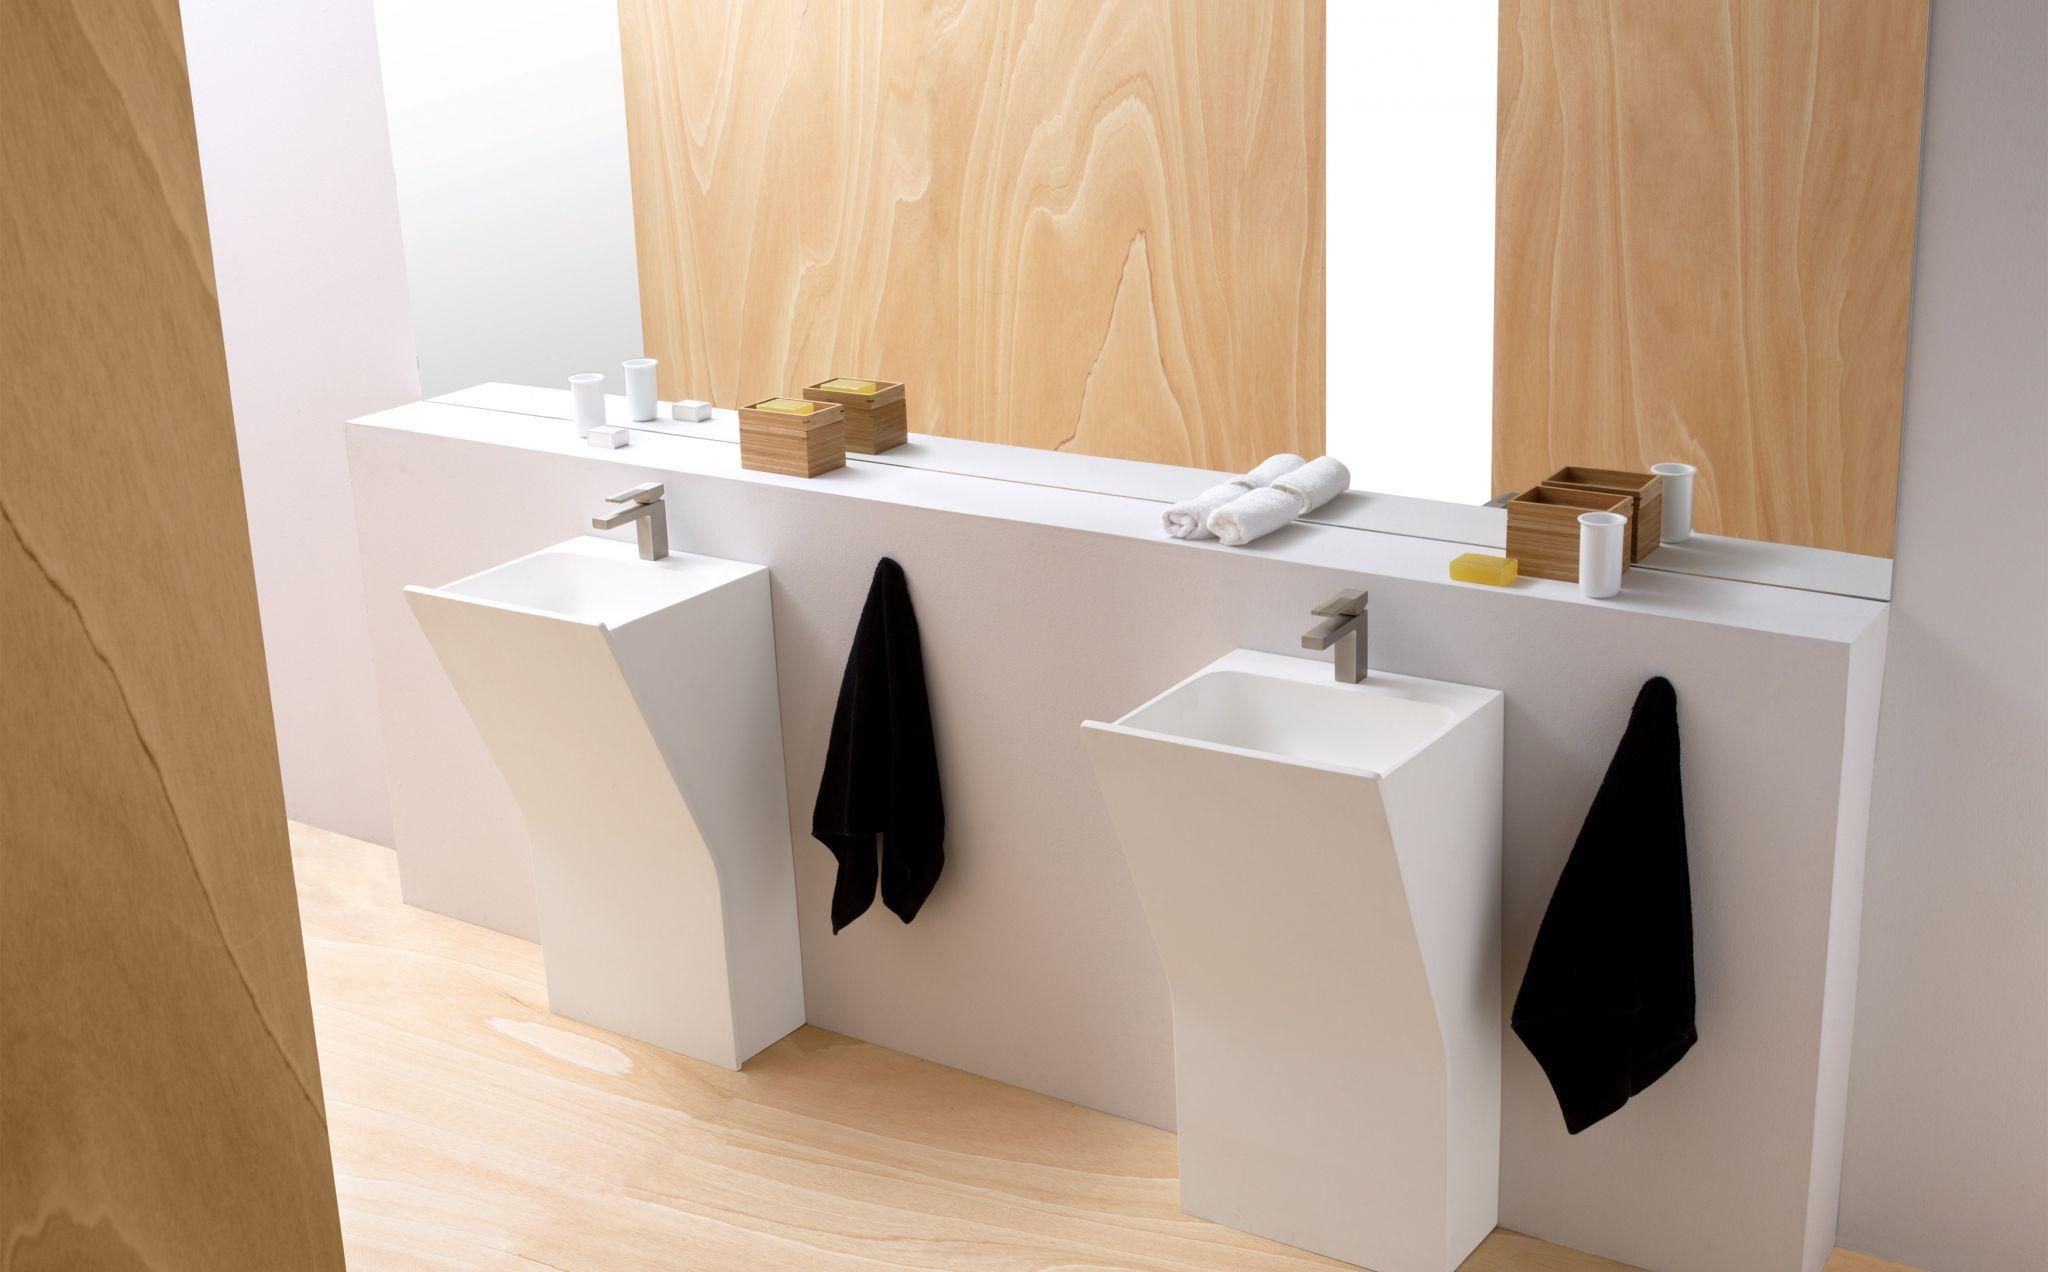 lavabo pedestal veneto de la coleccià n solid surface de bathco